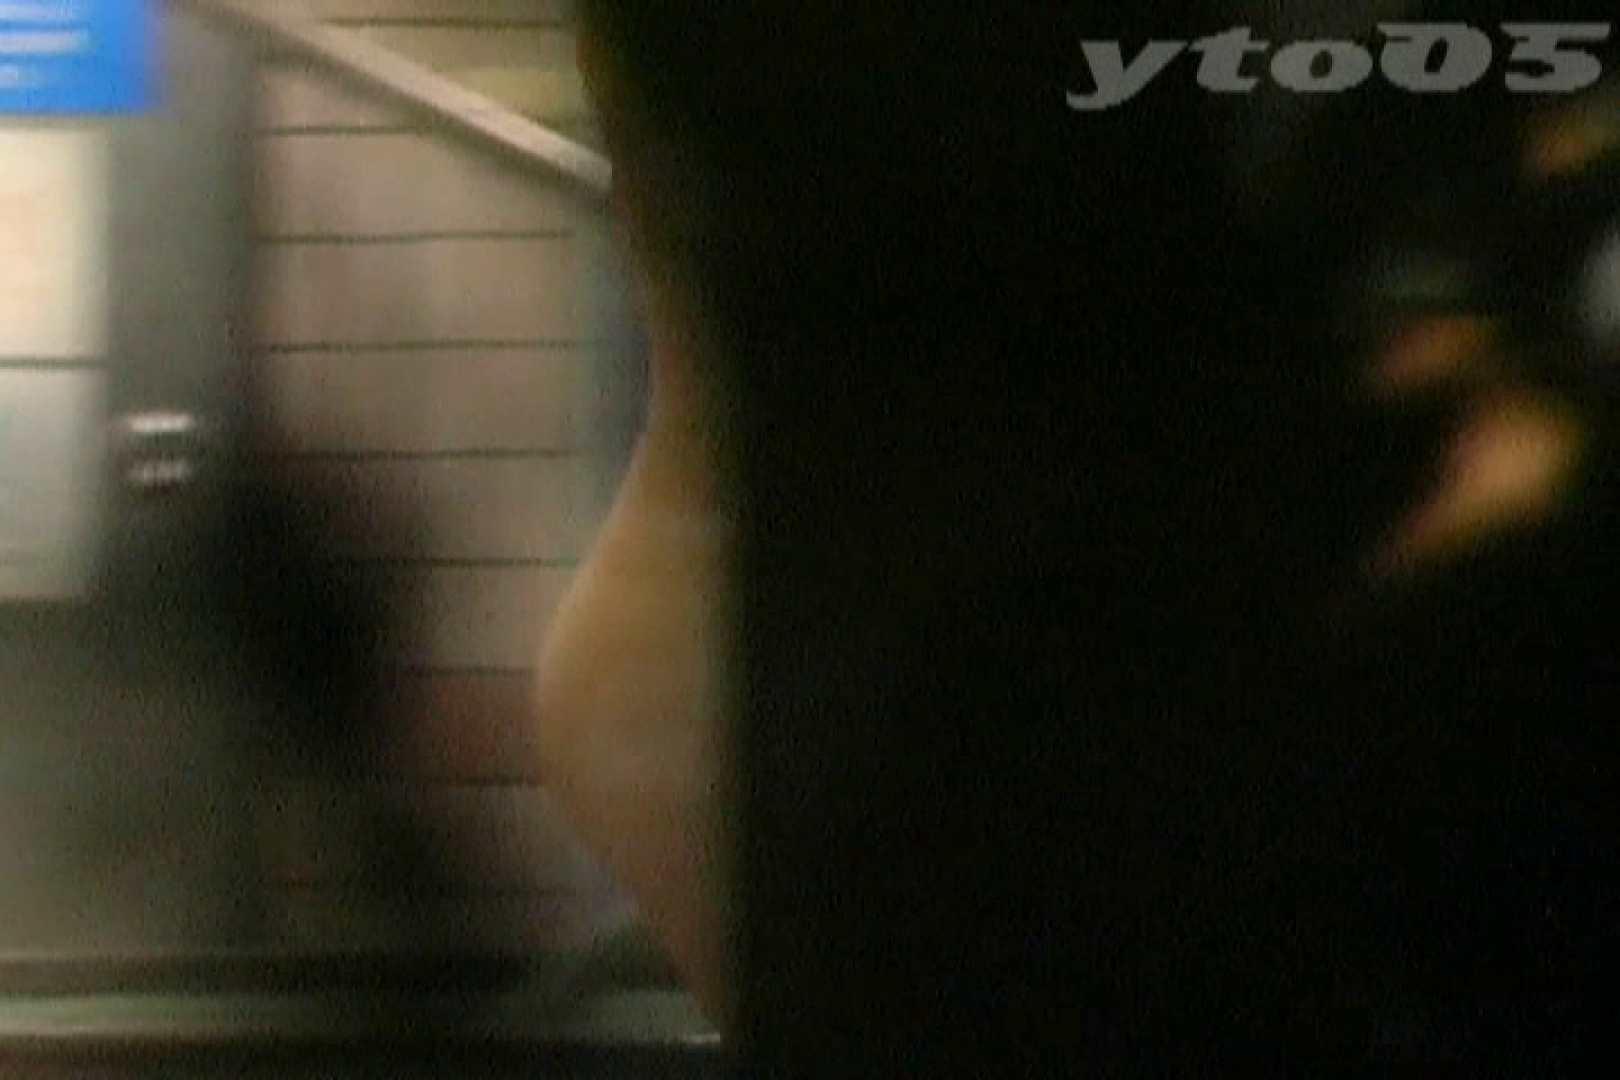 ▲復活限定▲合宿ホテル女風呂盗撮 Vol.27 盗撮映像  91Pix 68